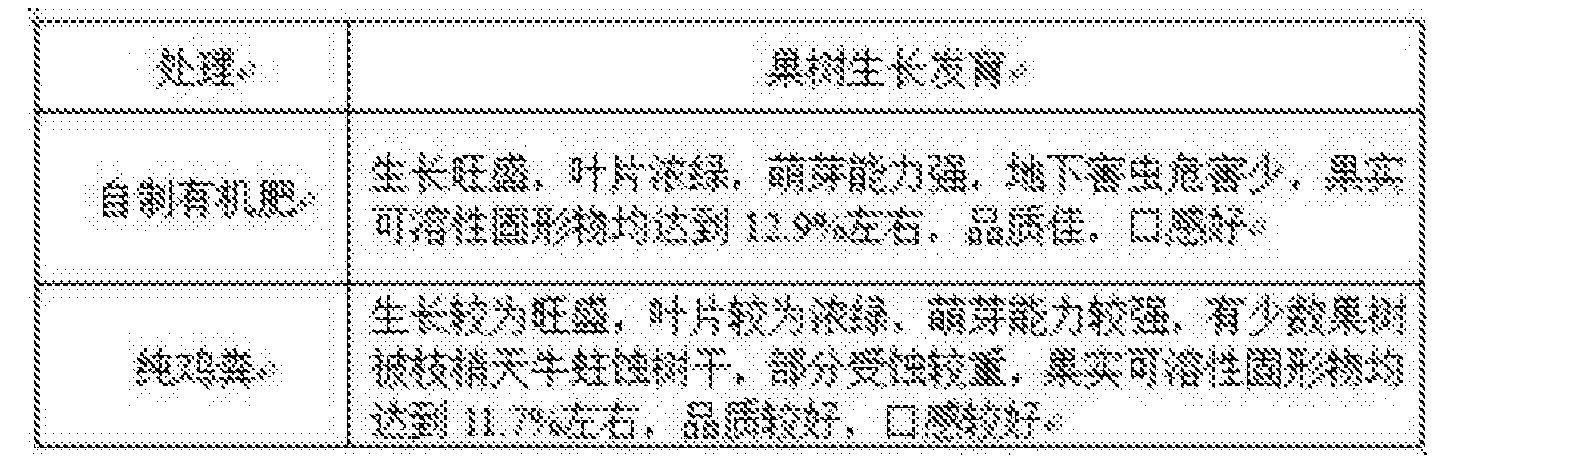 Figure CN105145261BD00101